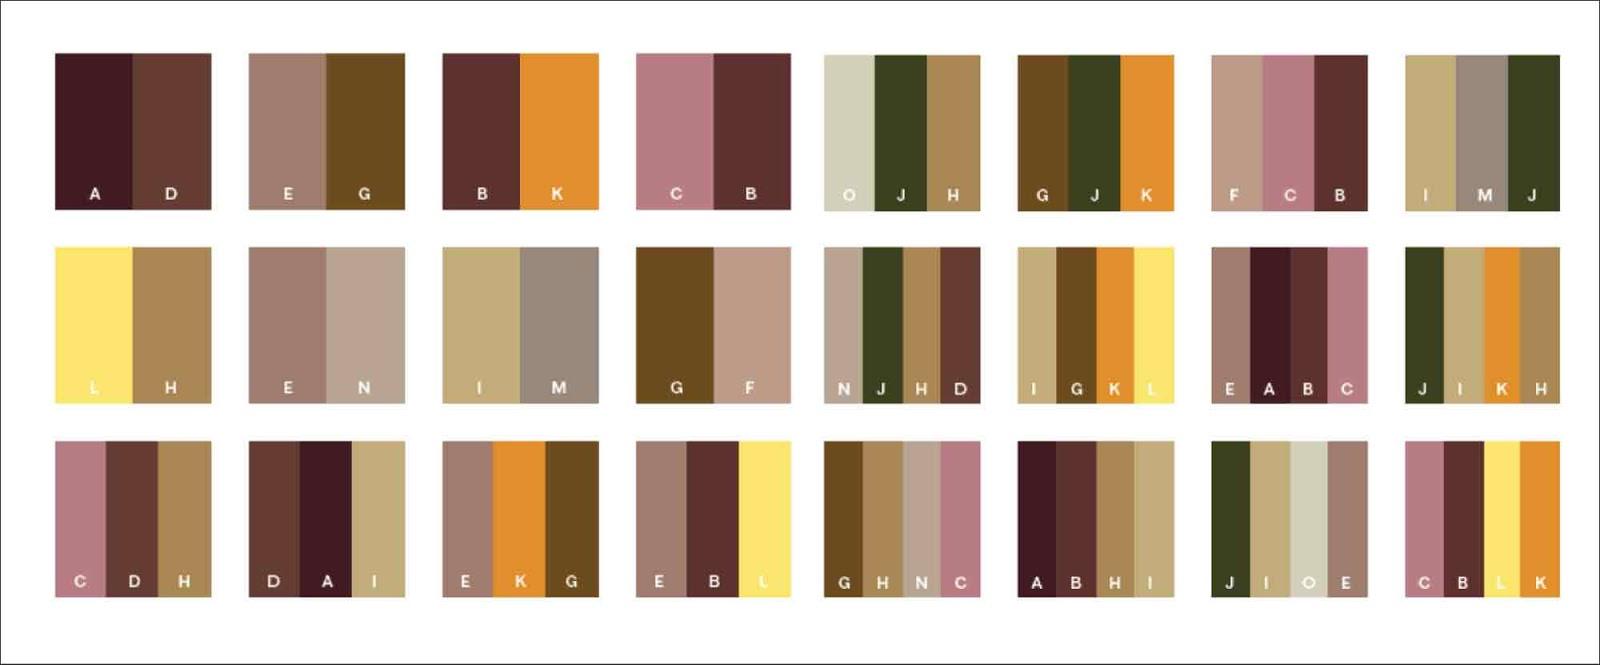 Cara Membuat Warna Cokelat Dengan Mudah Seni Budayaku Kombinasi warna coklat muda